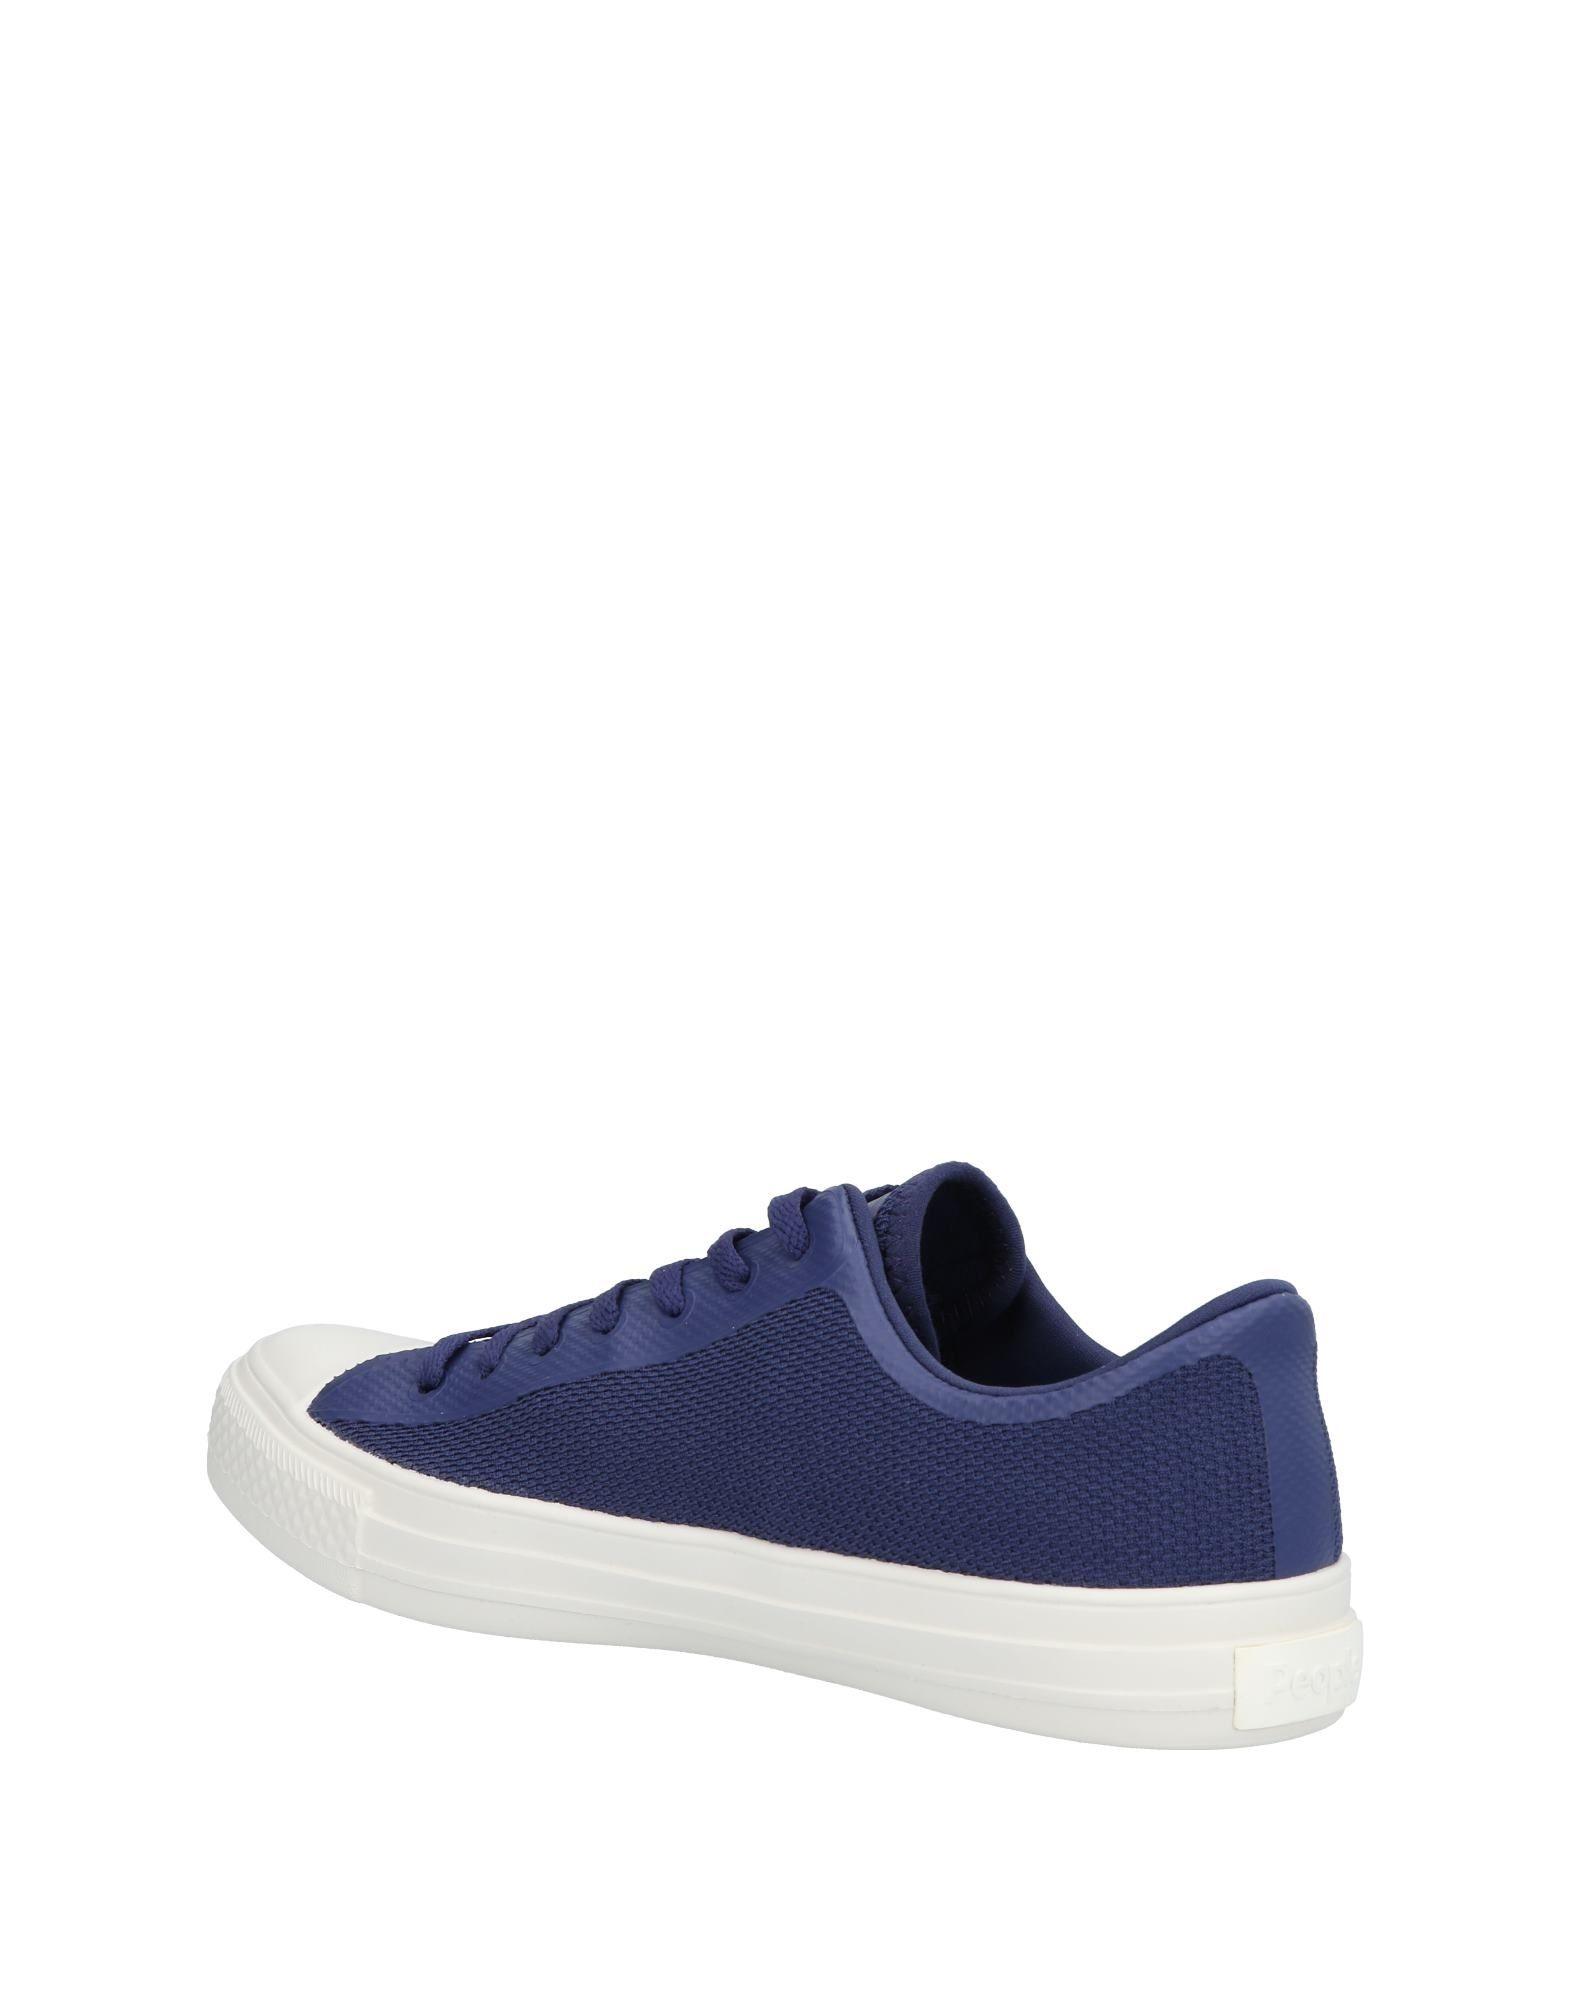 Sneakers - People Footwear Uomo - Sneakers 11414411OL 6ceeee